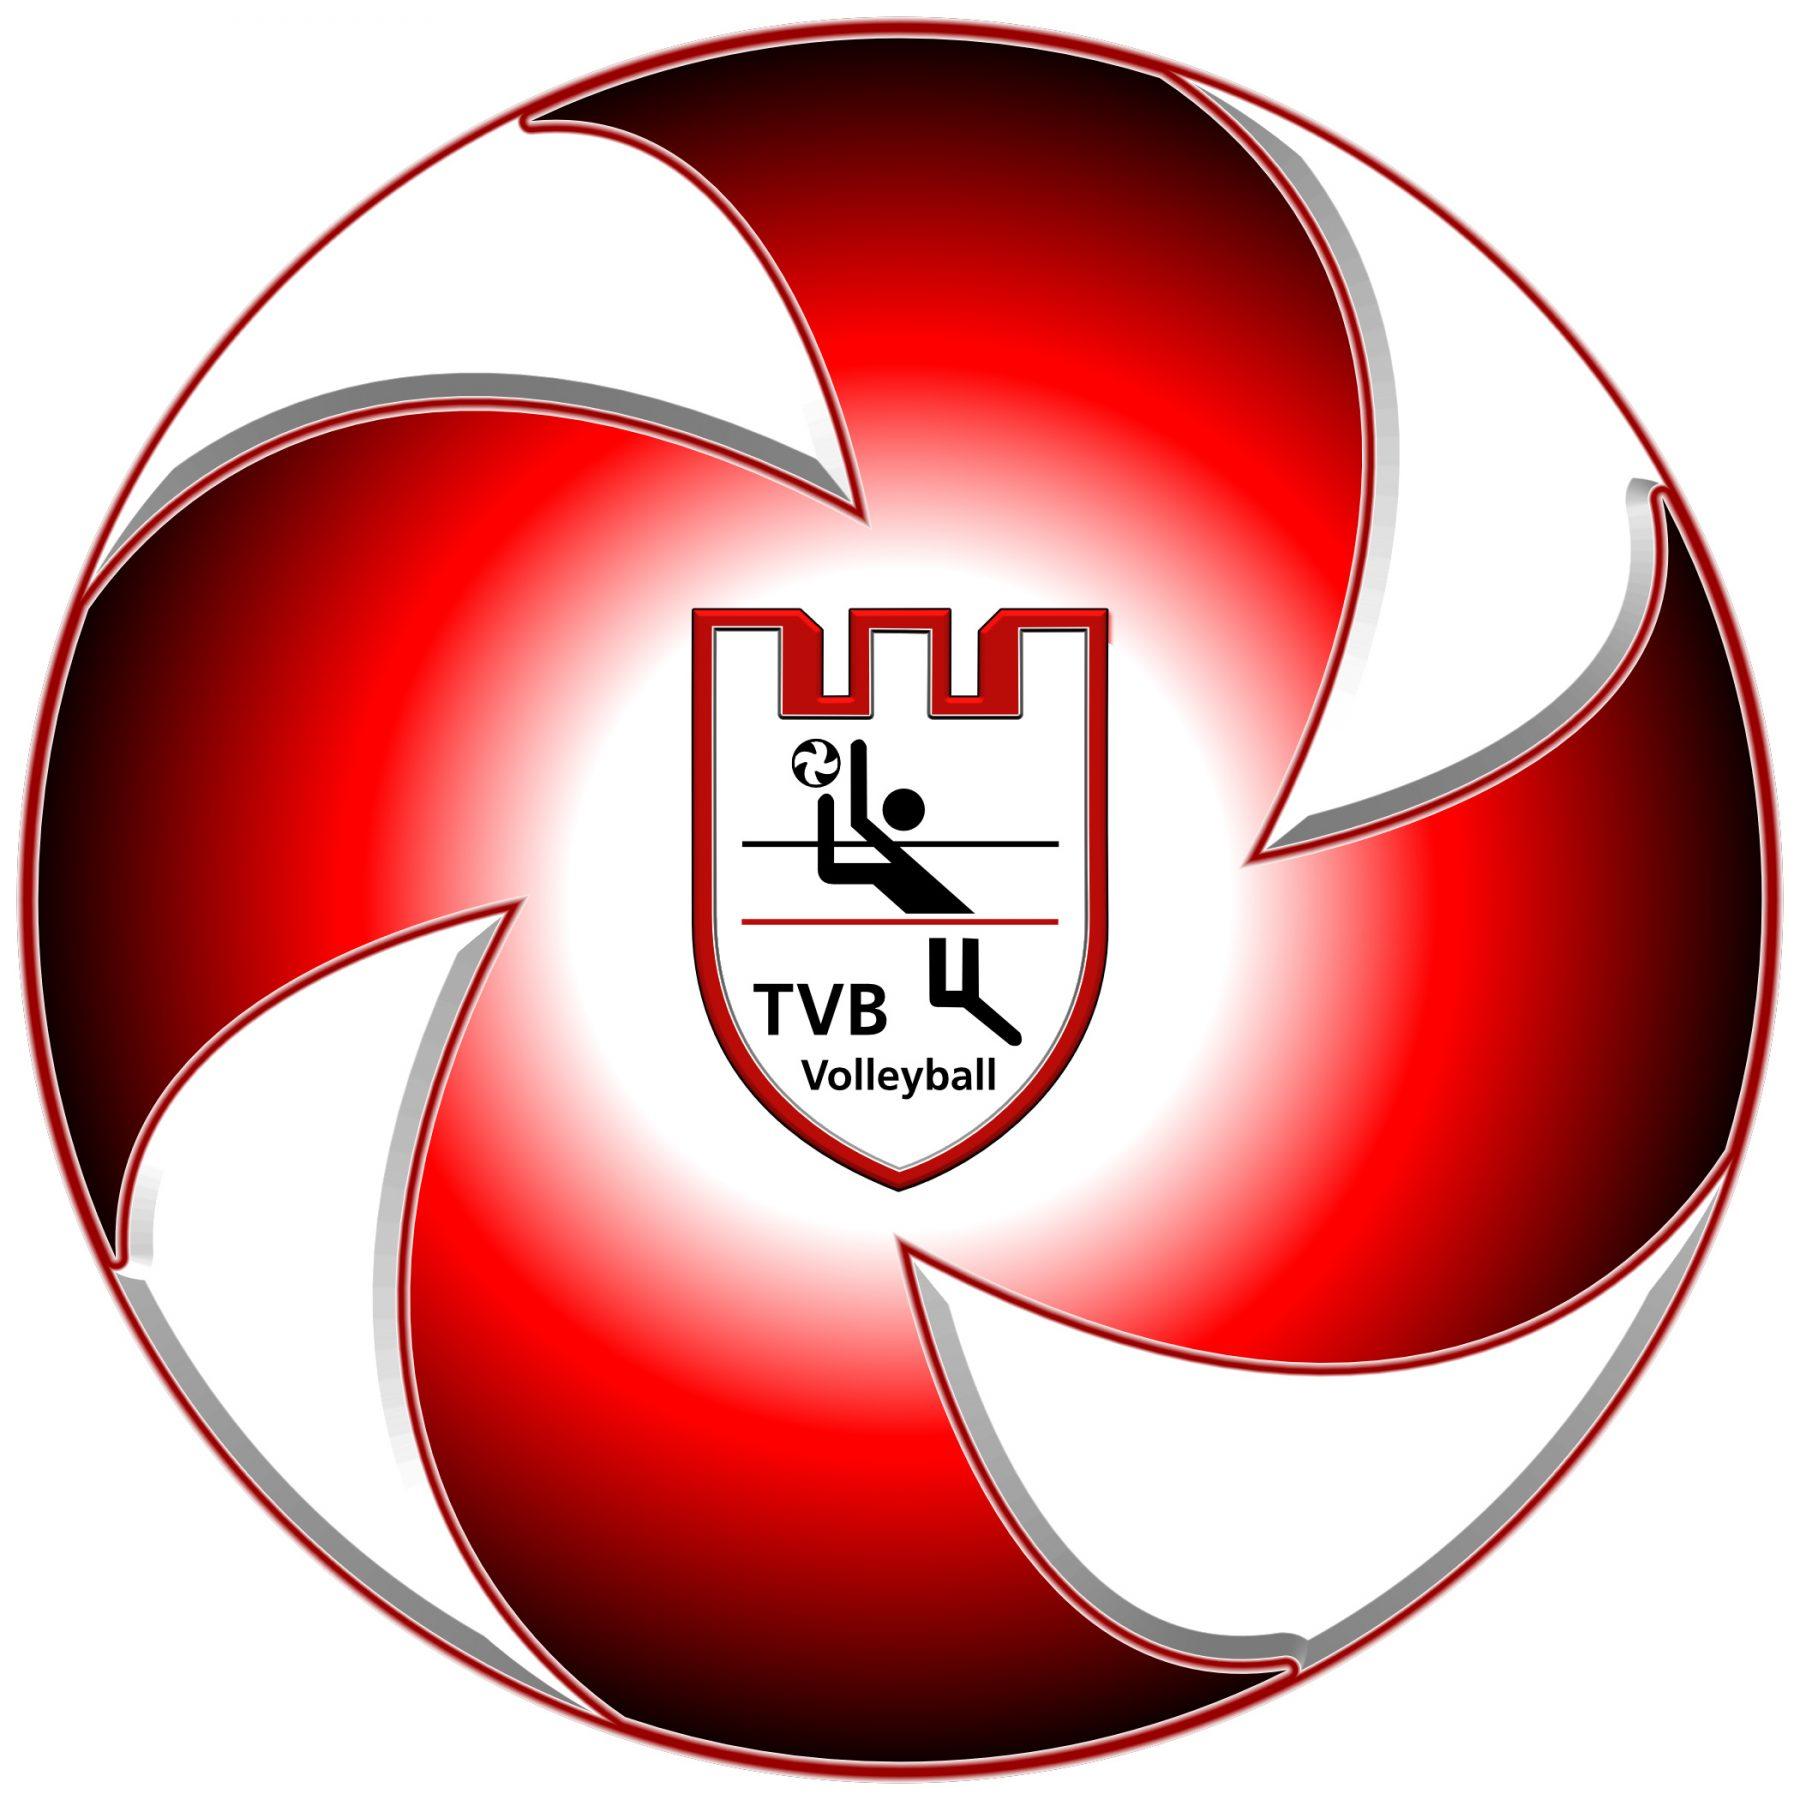 Logo Ball des TV Biedenkopf Volleyball (Urheber: Genesis | Rainer Willner)